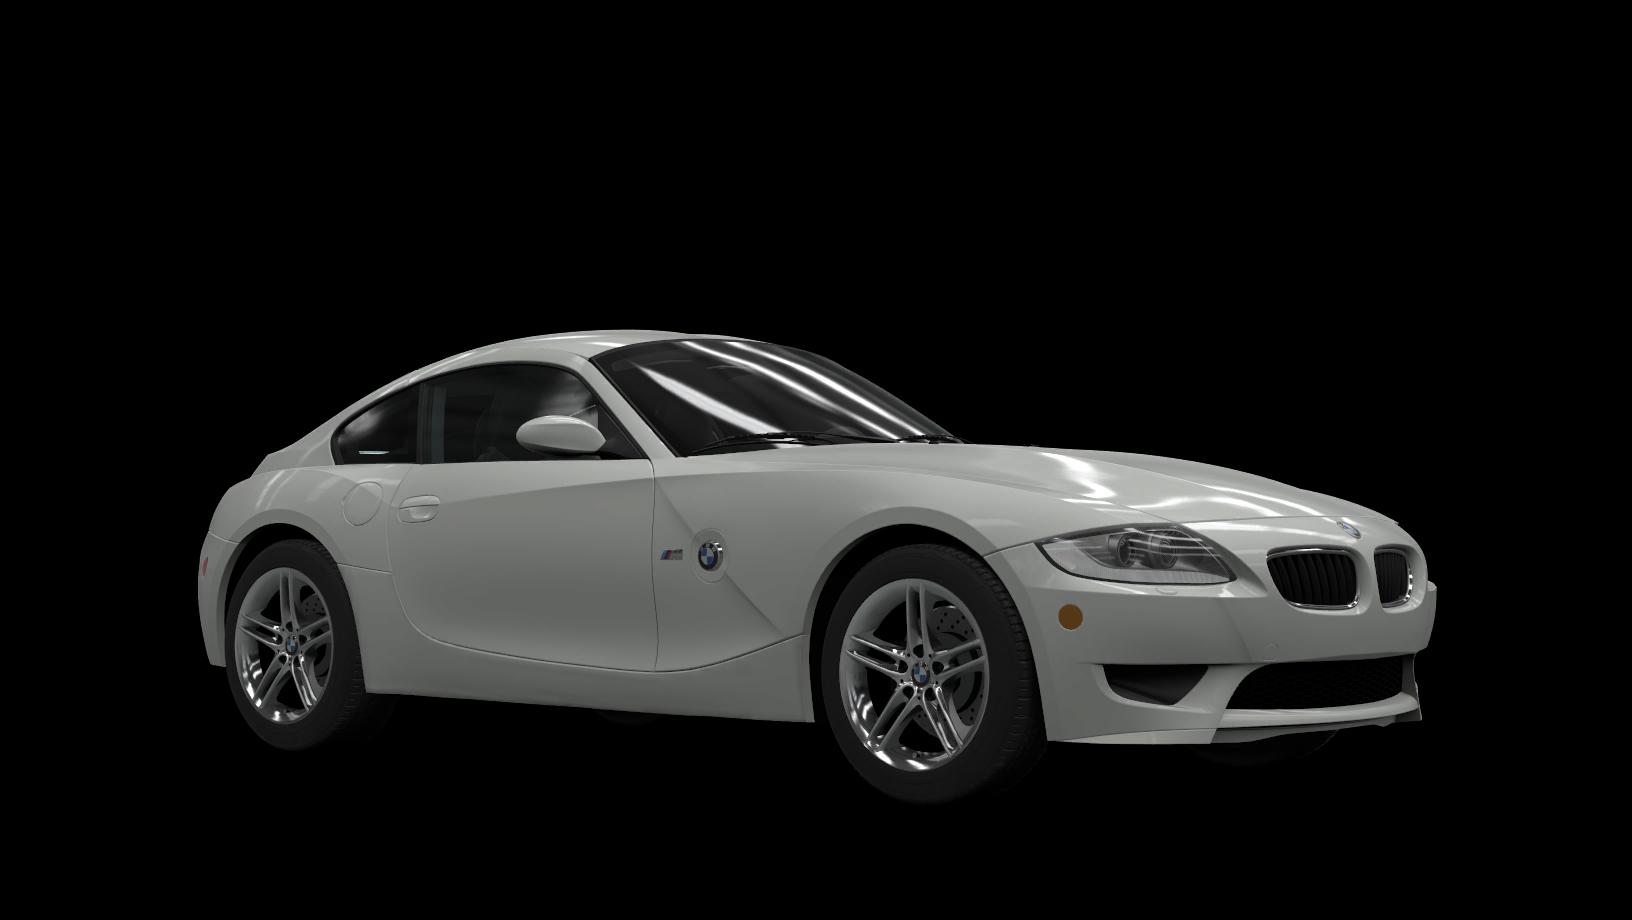 Bmw Z4 M Coupe Forza Wiki Fandom